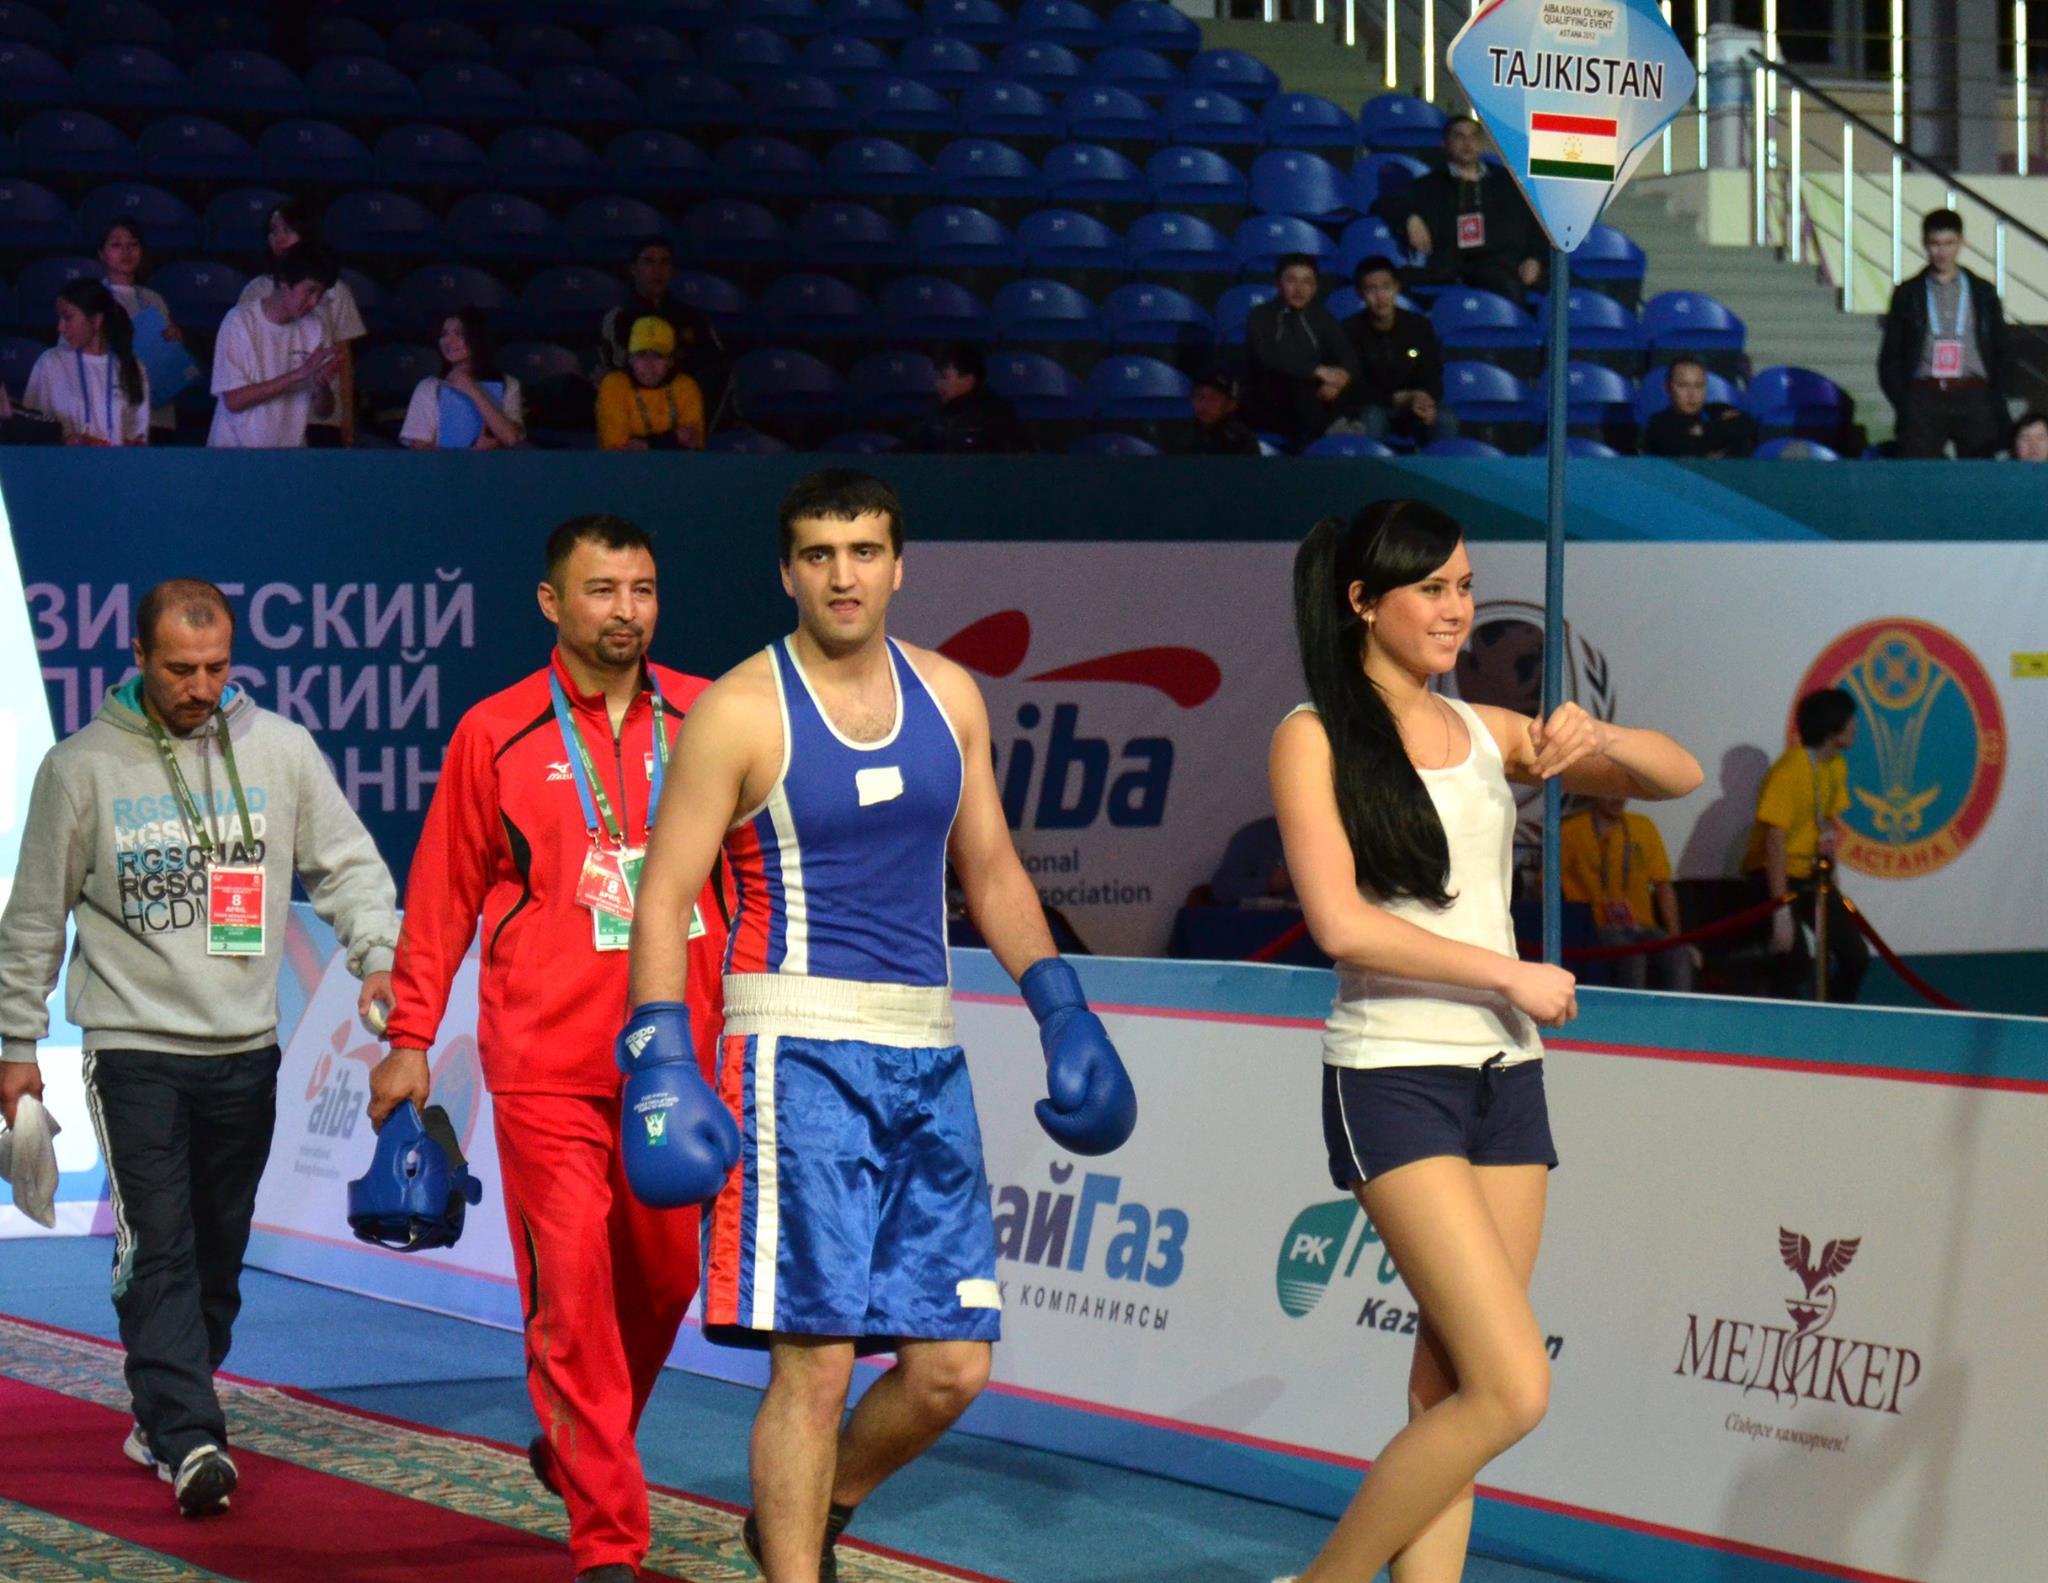 Kép-591-Dilovarshakh-Abdurakhmanov